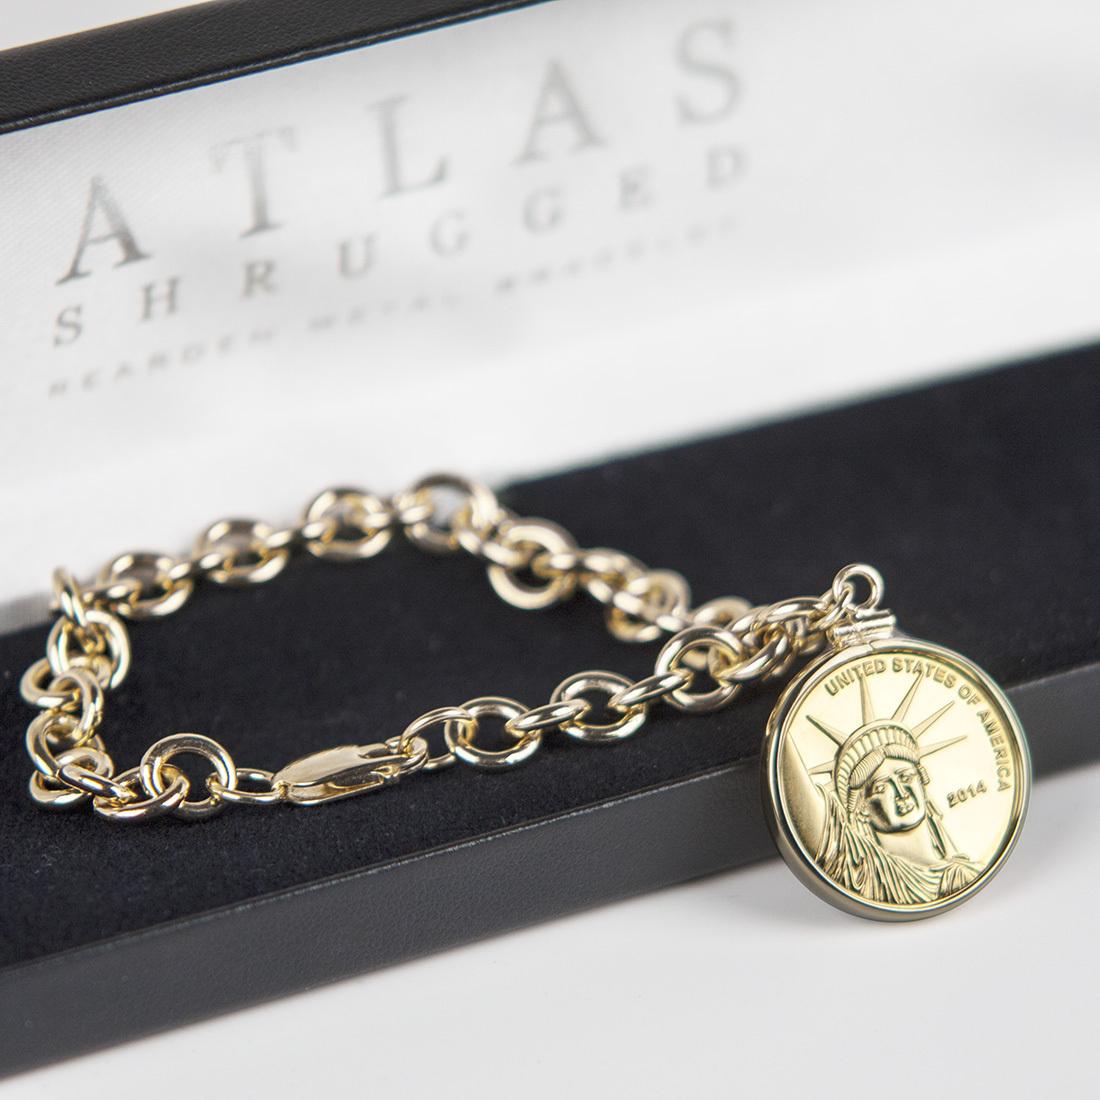 Bracelet FINAL front EDITED  42641.1406368734.1280.1280